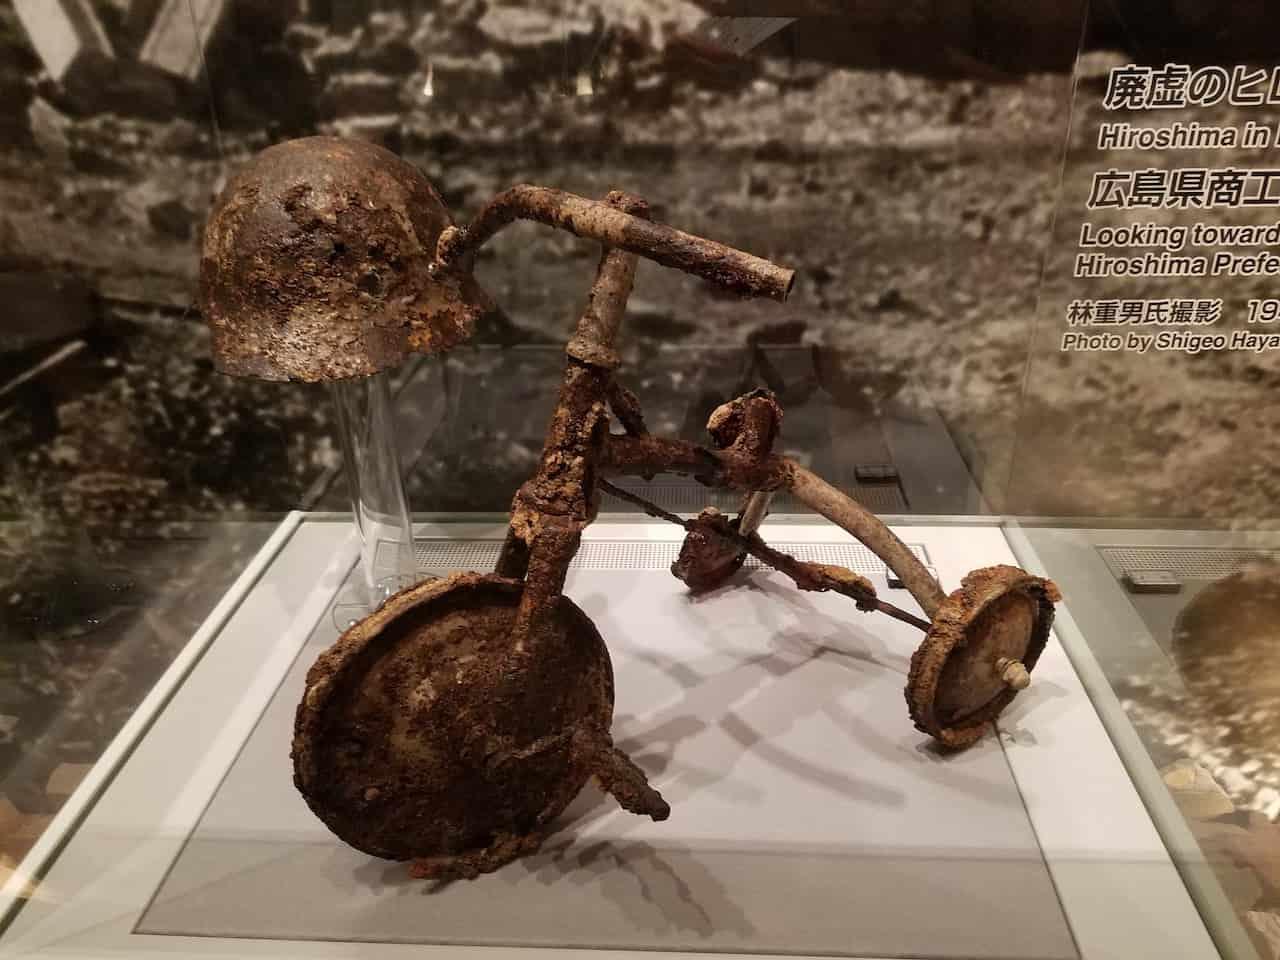 Hiroshima Museum Bike